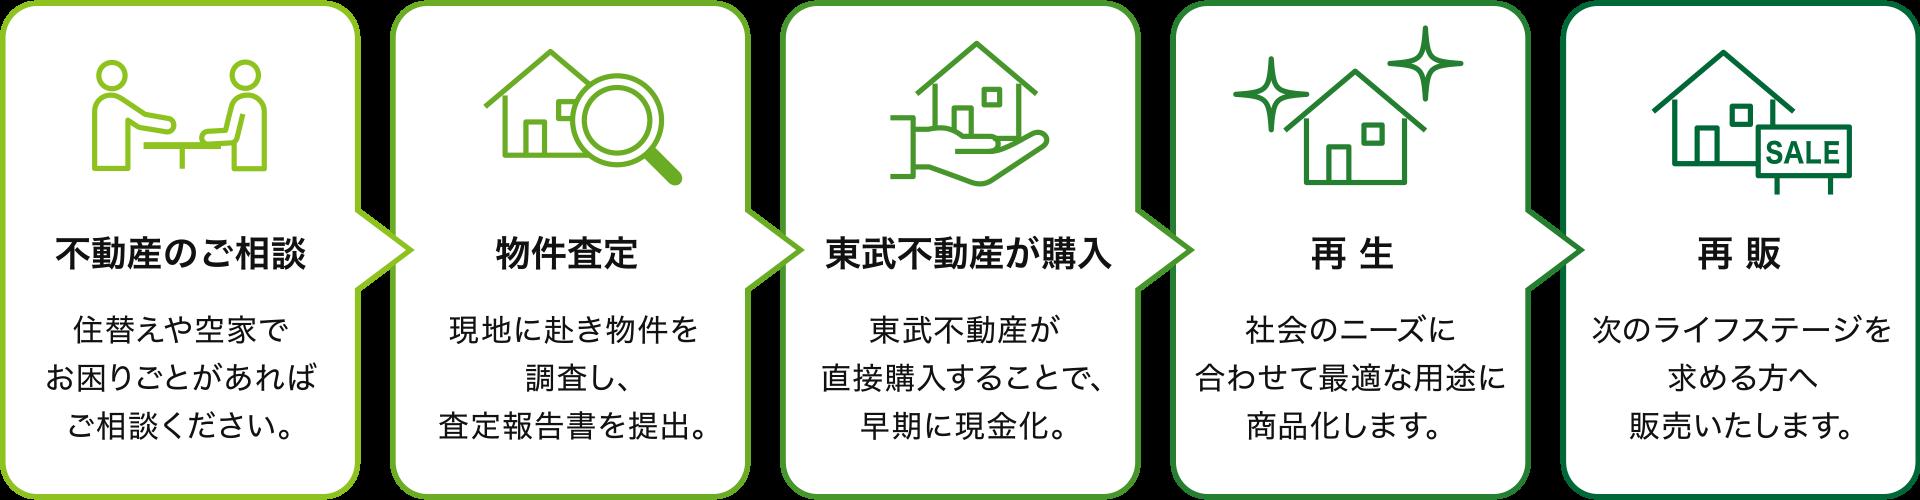 不動産のご相談(住替えや空家で お困りごとがあれば  ご相談ください。)/物件査定(現地に赴き物件を調査し、査定報告書を提出。)/東武不動産が購入(東武不動産が直接購入することで、早期に現金化。)/再生(社会のニーズに合わせて最適な用途に商品化します。)/再販(次のライフステージを求める方へ販売いたします。)